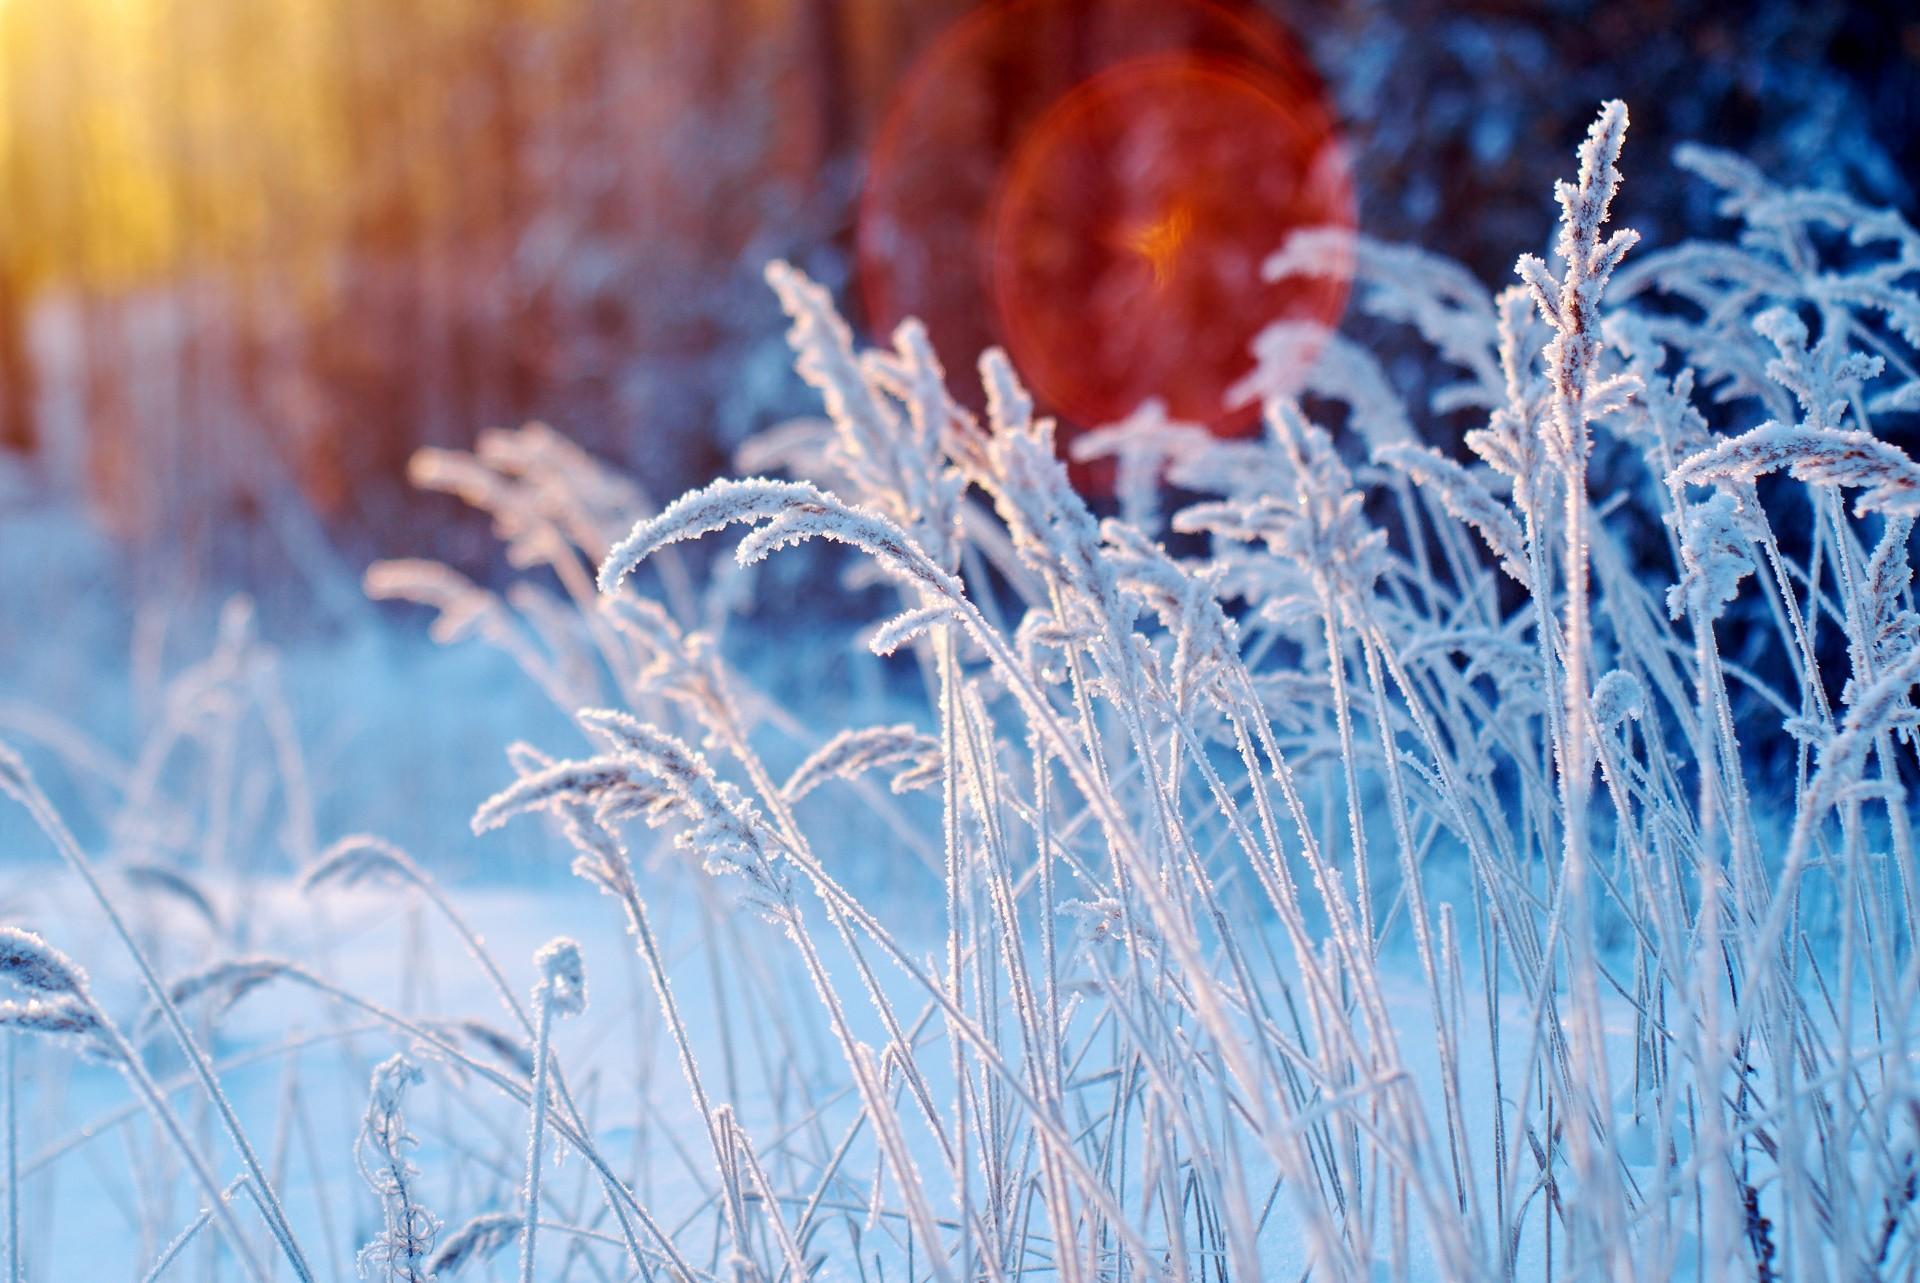 нет моделей фото пейзажи зима снег макро что замыслу владельца